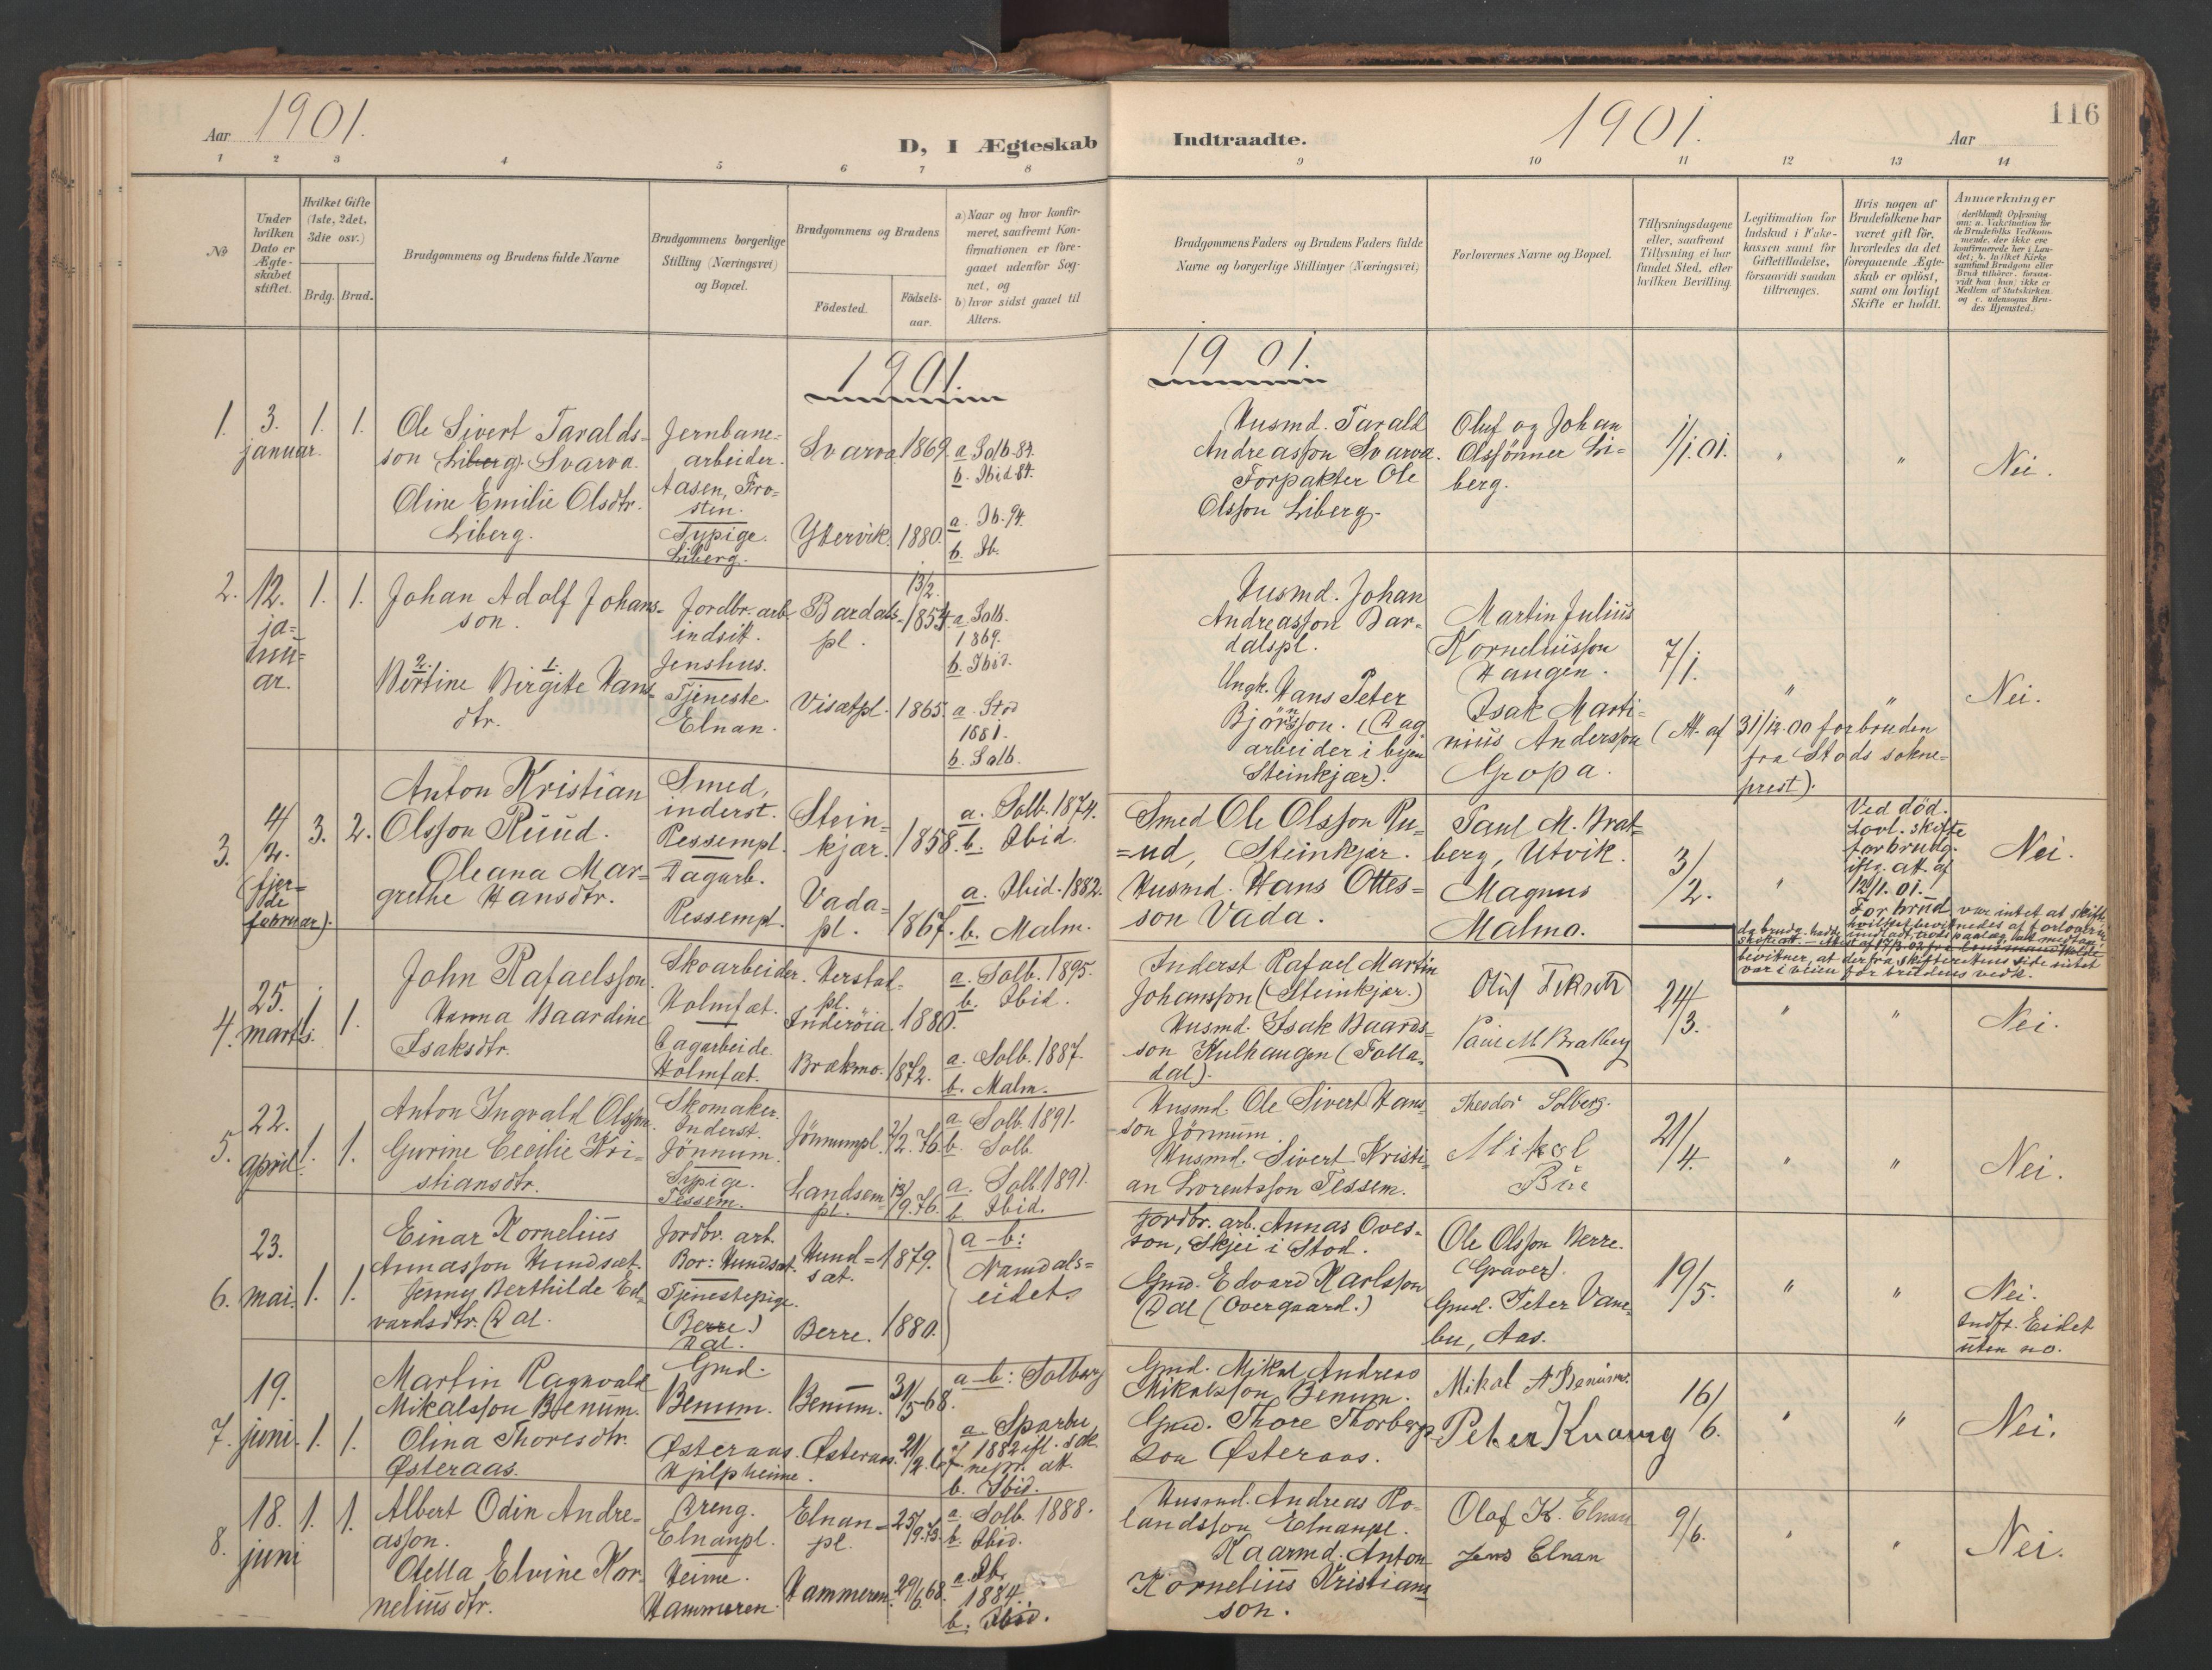 SAT, Ministerialprotokoller, klokkerbøker og fødselsregistre - Nord-Trøndelag, 741/L0397: Ministerialbok nr. 741A11, 1901-1911, s. 116